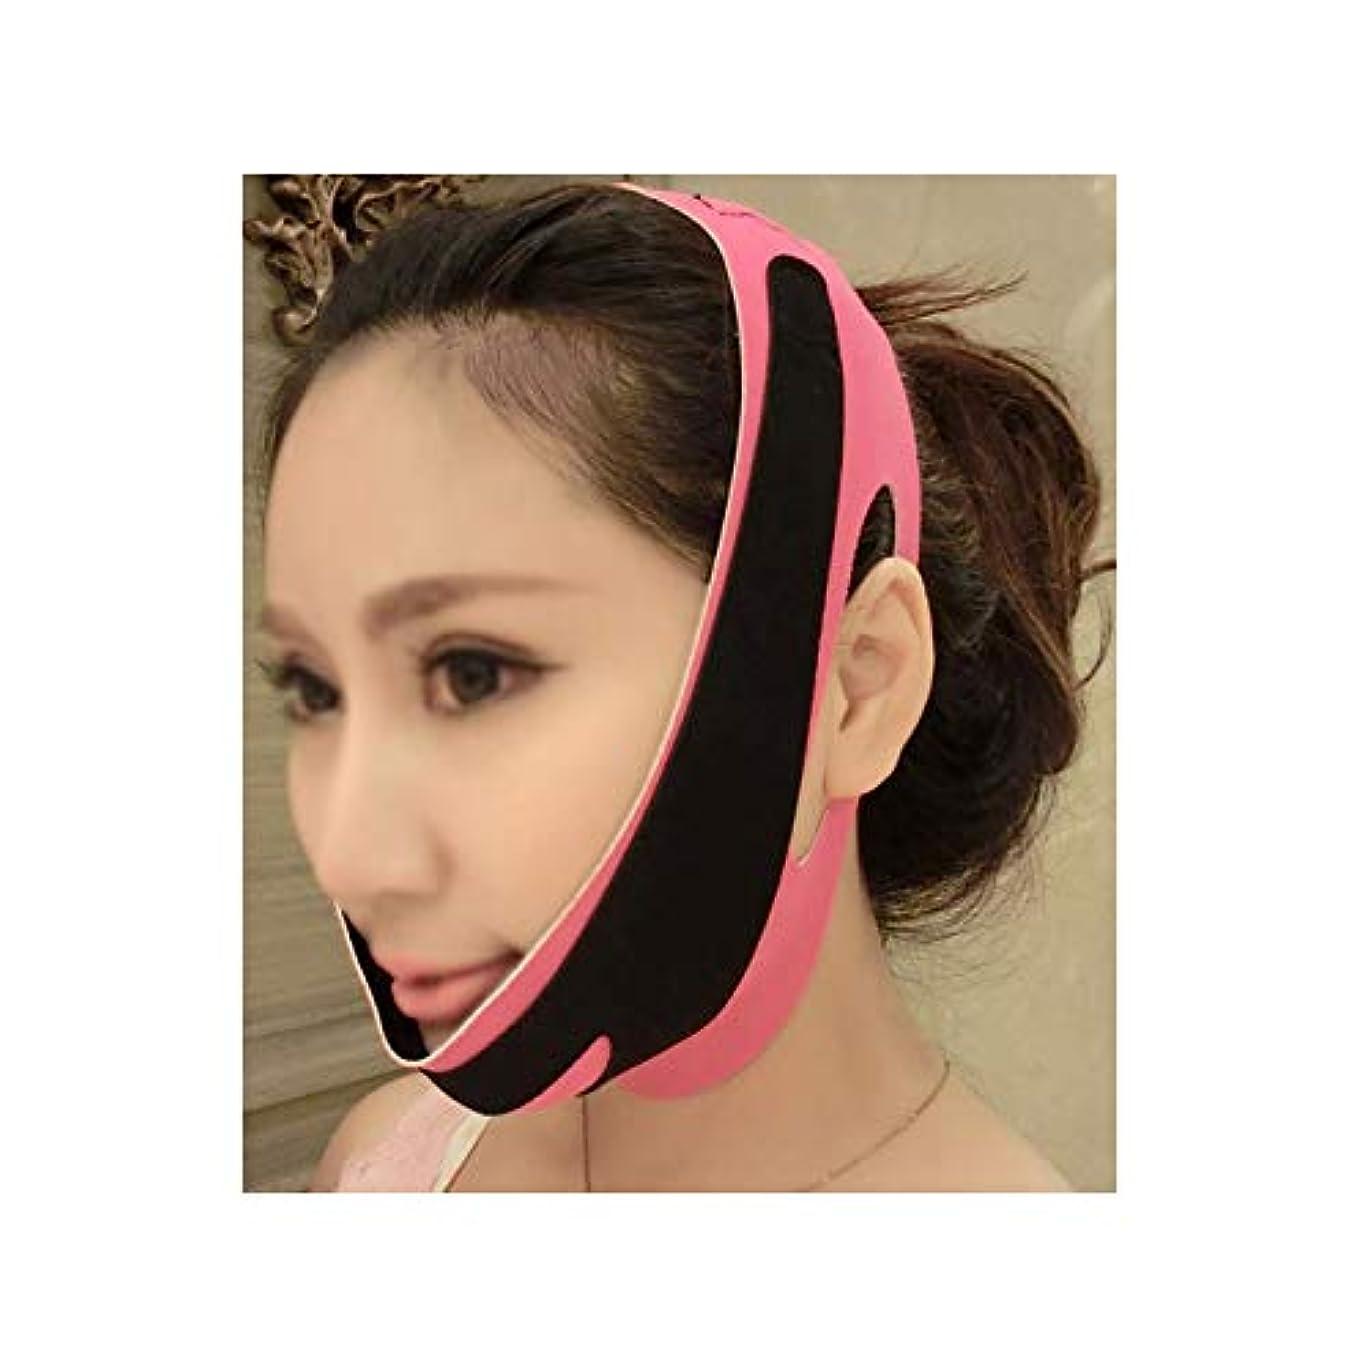 雇用空いているブルーベル薄い顔包帯フェイススリム二重あごを取り除きますVラインフェイスシェイプを作成チンチークリフトアップアンチリンクルリフティングベルトフェイスマッサージツール女性と女の子